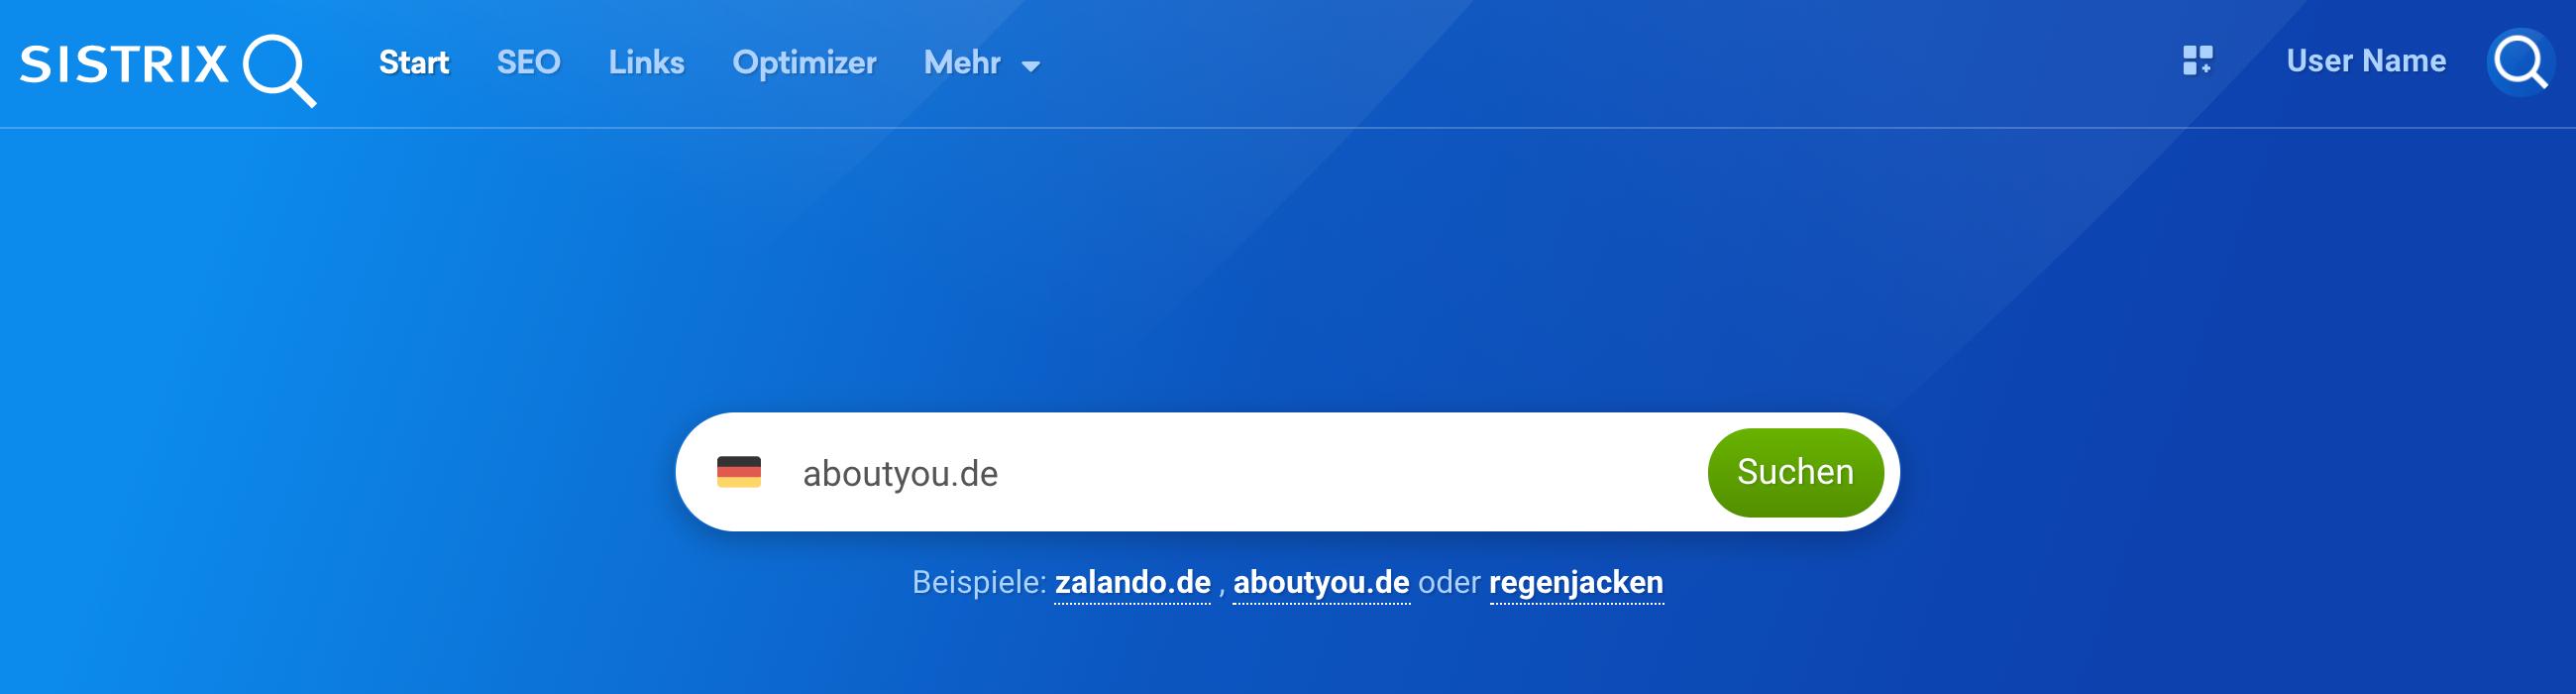 Startseite der Toolbox mit dem Suchfeld in der Mitte. Dort ist die Domain aboutyou.de eingegeben.